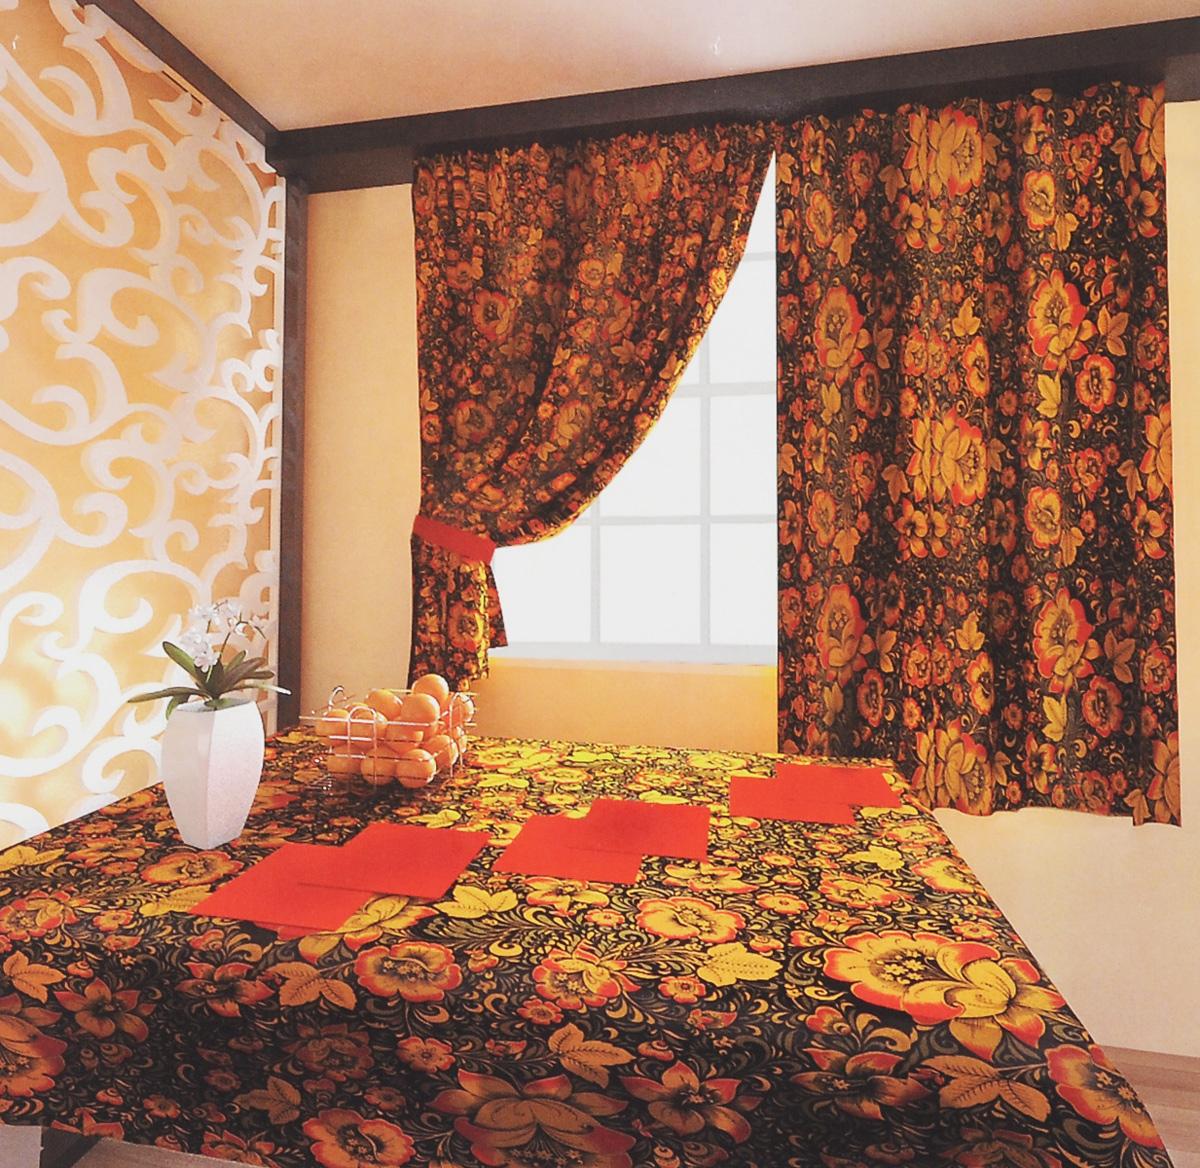 Комплект штор Zlata Korunka Хохлома, на ленте, цвет: черный, красный, желтый, высота 150 см55611Роскошный комплект штор Zlata Korunka Хохлома великолепно украсит любое окно. Комплект состоит из двух портьер, двух подхватов, скатерти и 6 салфеток. Изделия выполнены из 100% хлопка и декорированы изображением крупных цветов. Оригинальный цветочный принт привлечет к себе внимание и позволит шторам органично вписаться в интерьер помещения. Комплект крепится на карниз при помощи шторной ленты, которая поможет красиво и равномерно задрапировать верх. Портьеры можно красиво зафиксировать с помощью двух подхватов. Этот комплект будет долгое время радовать вас и вашу семью. Рекомендуется ручная стирка. В комплект входит: Портьера: 2 шт. Размер (ШхВ): 150 х 150 см. Скатерть: 1 шт. Размер (ШхВ): 140 х 180 см. Салфетки: 6 шт. 40 х 40 см. Подхват (с учетом петель): 2 шт. Размер: 65 х 9 см.